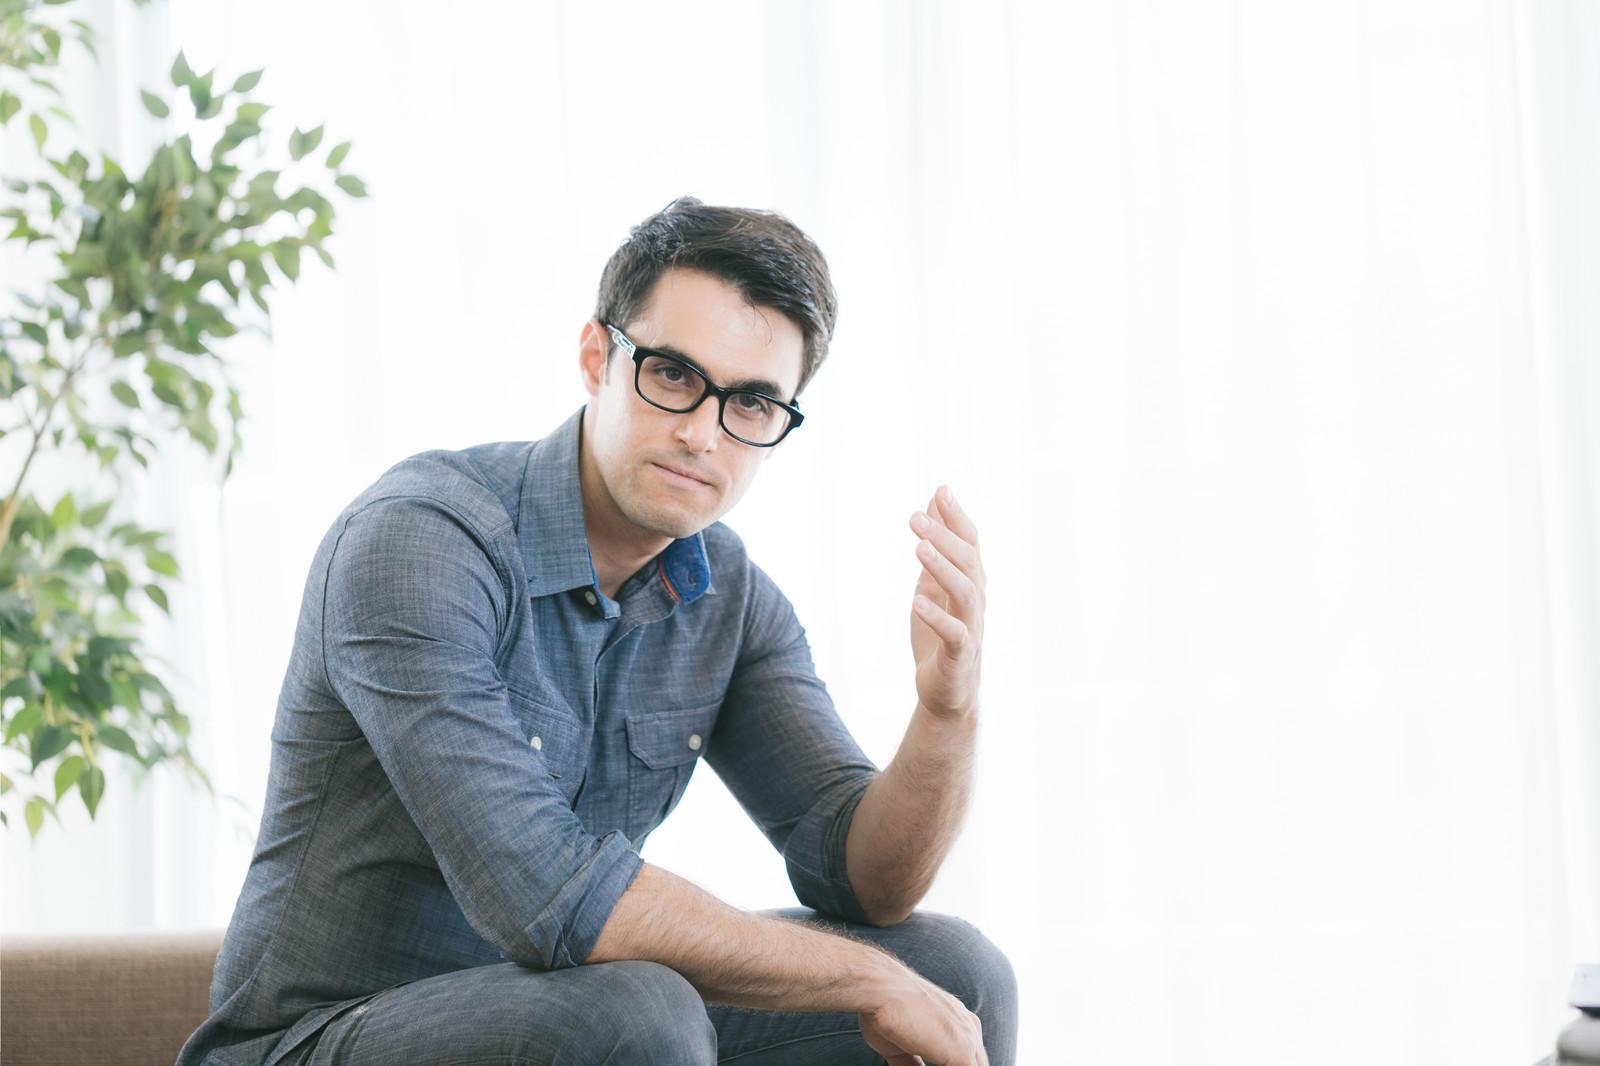 男性が女性に対して受け身になる理由とは?